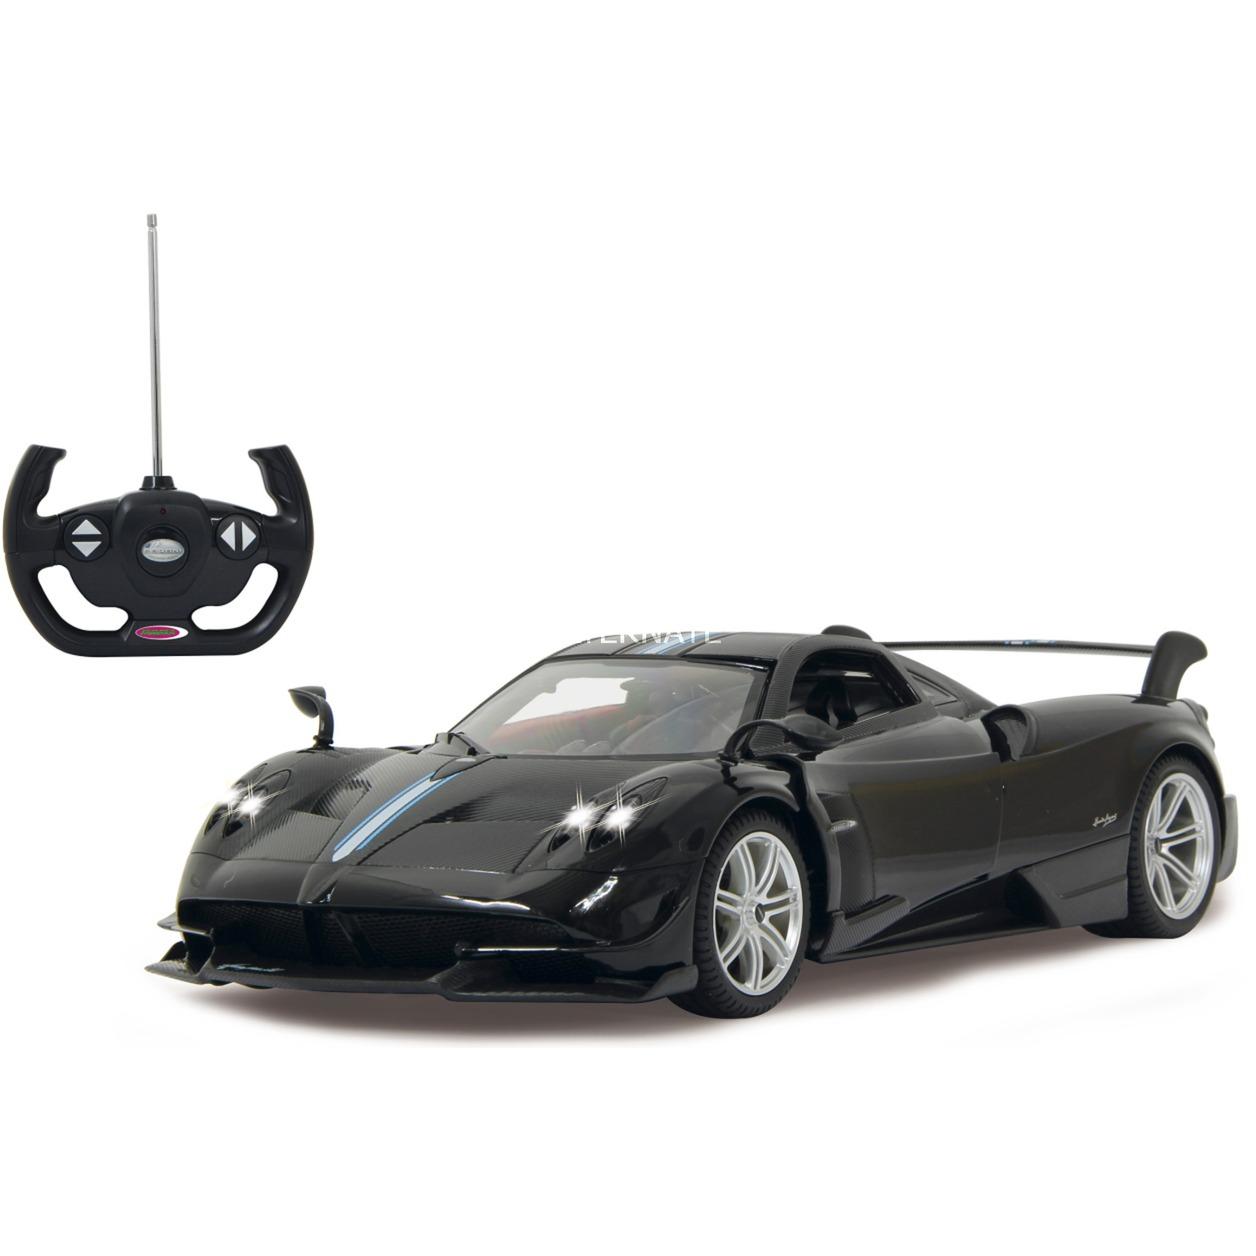 405138 vehículo de tierra por radio control (RC) Sport car Motor eléctrico 1:14, Radiocontrol